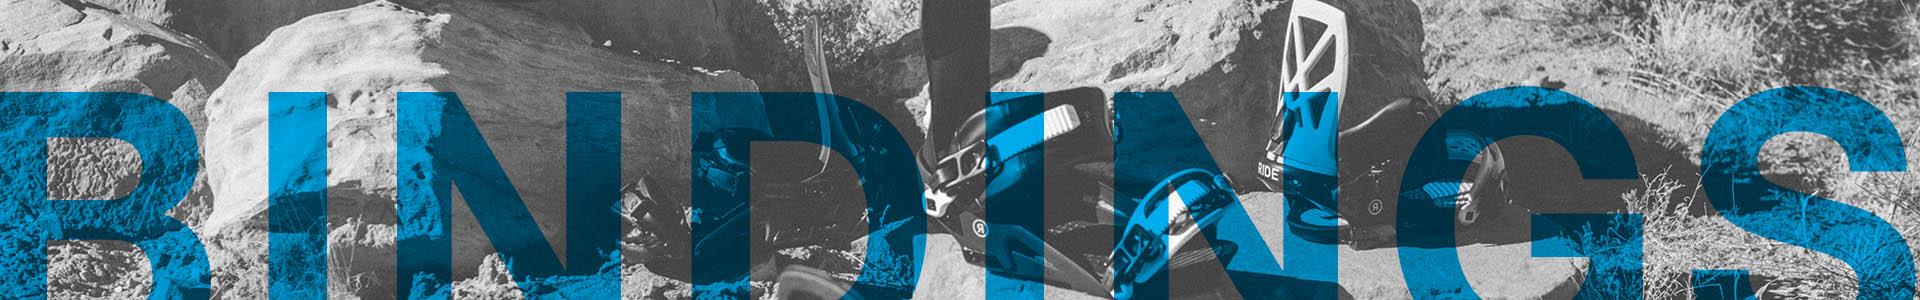 snowboard-bindings-1920x300.jpg